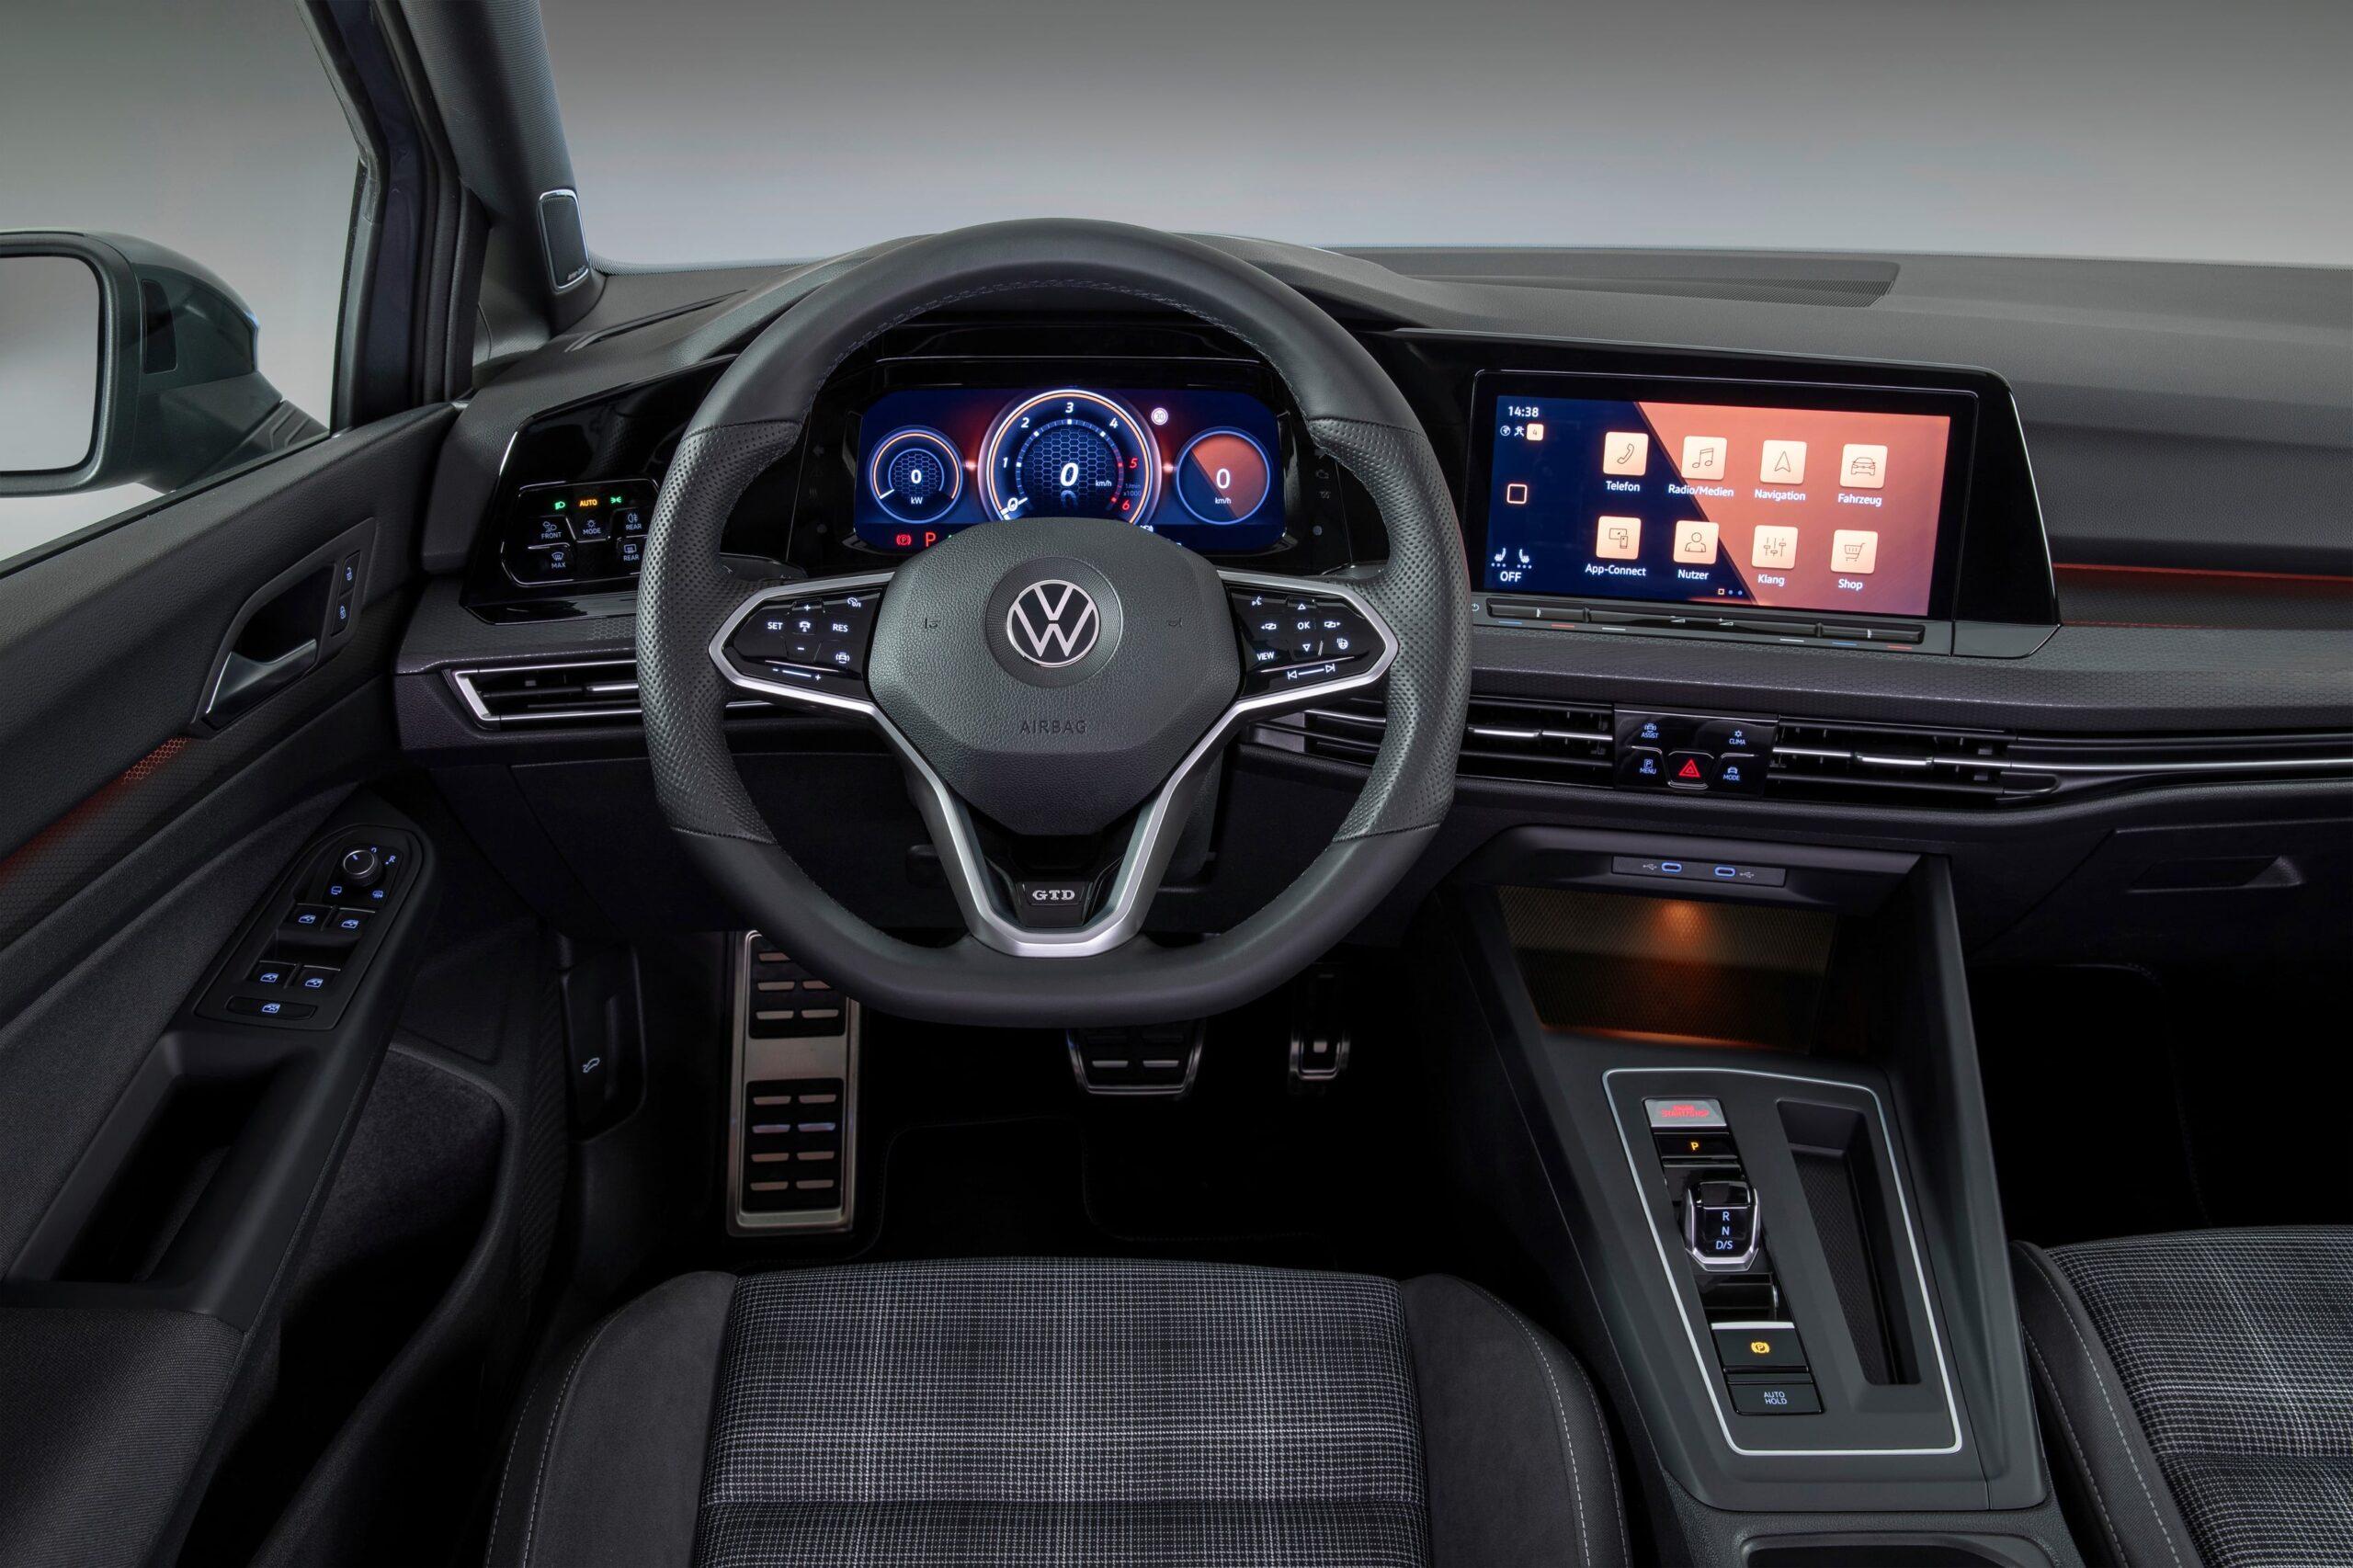 Volkswagen Golf 8 GTD Interni